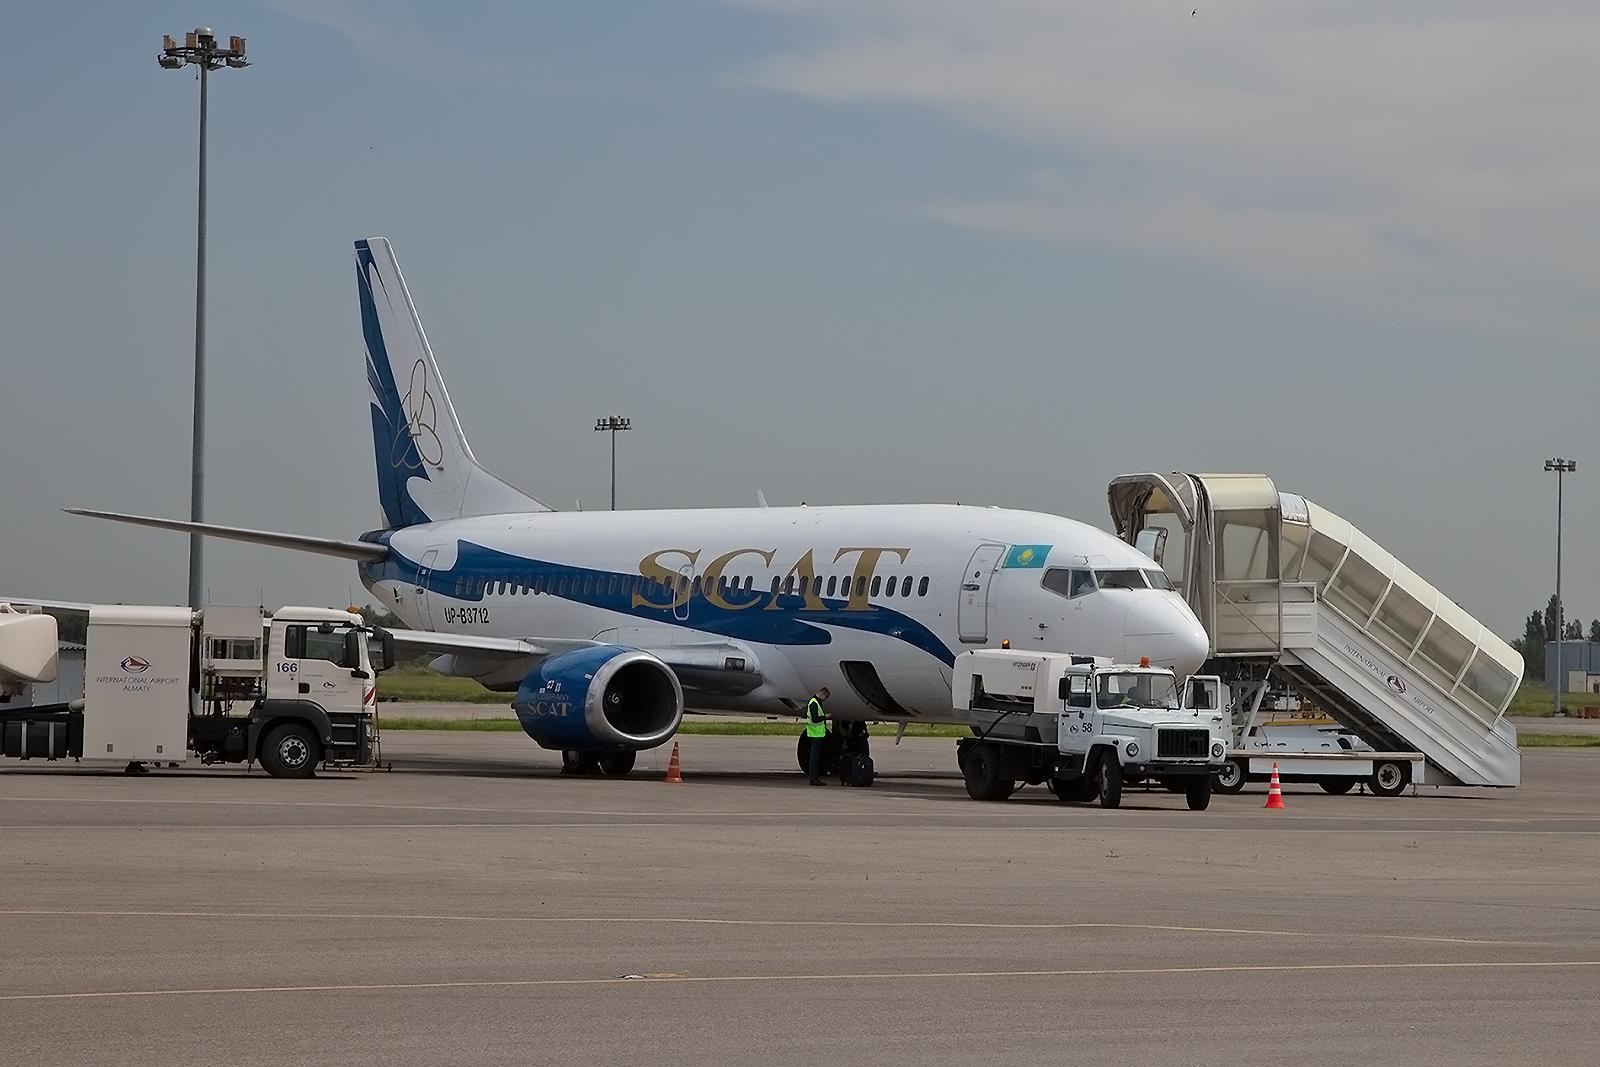 Unsere Boeing 737 nach der Landung in Almaty.